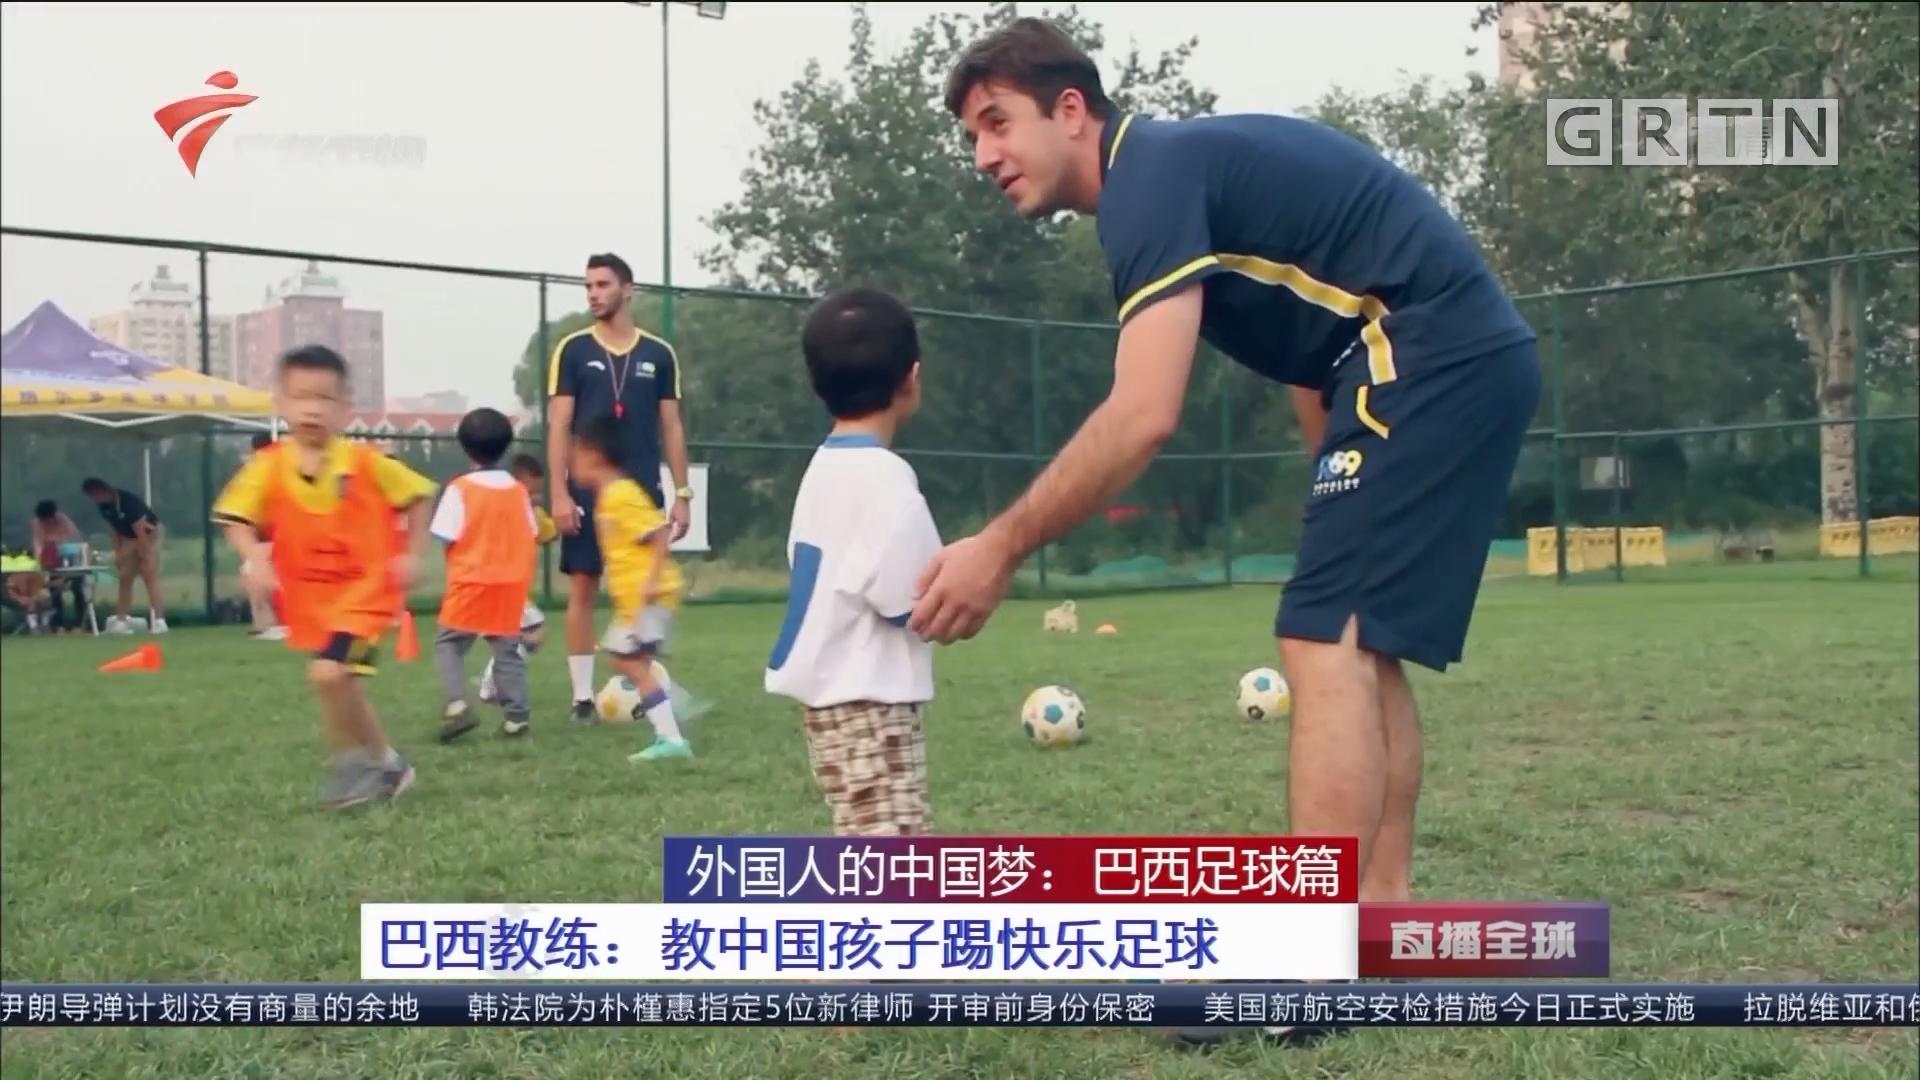 外国人的中国梦:巴西足球篇 巴西教练:教中国孩子踢快乐足球